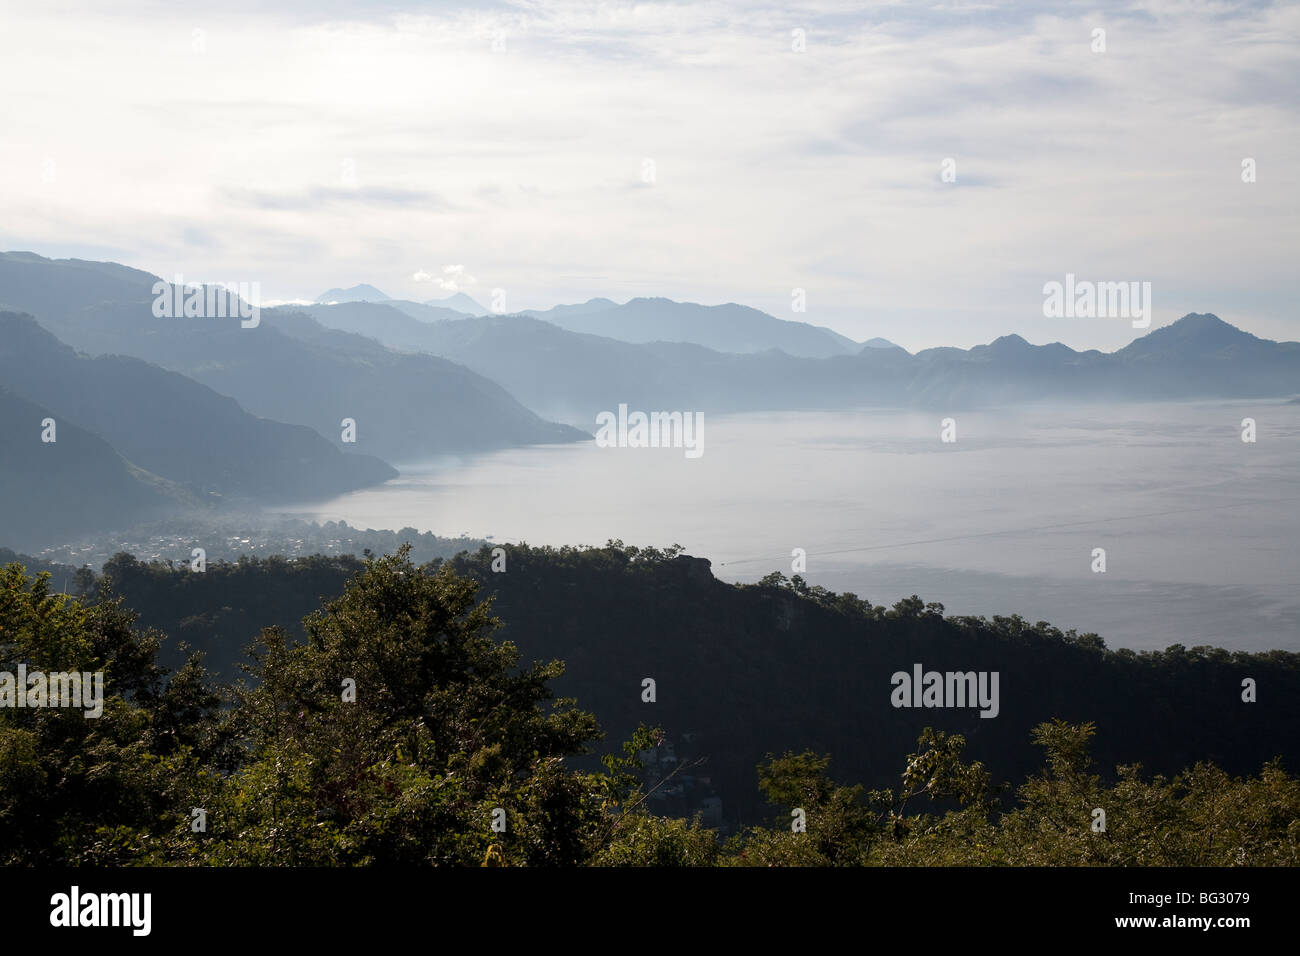 Panajachel Lake Atitlan Guatemala. - Stock Image